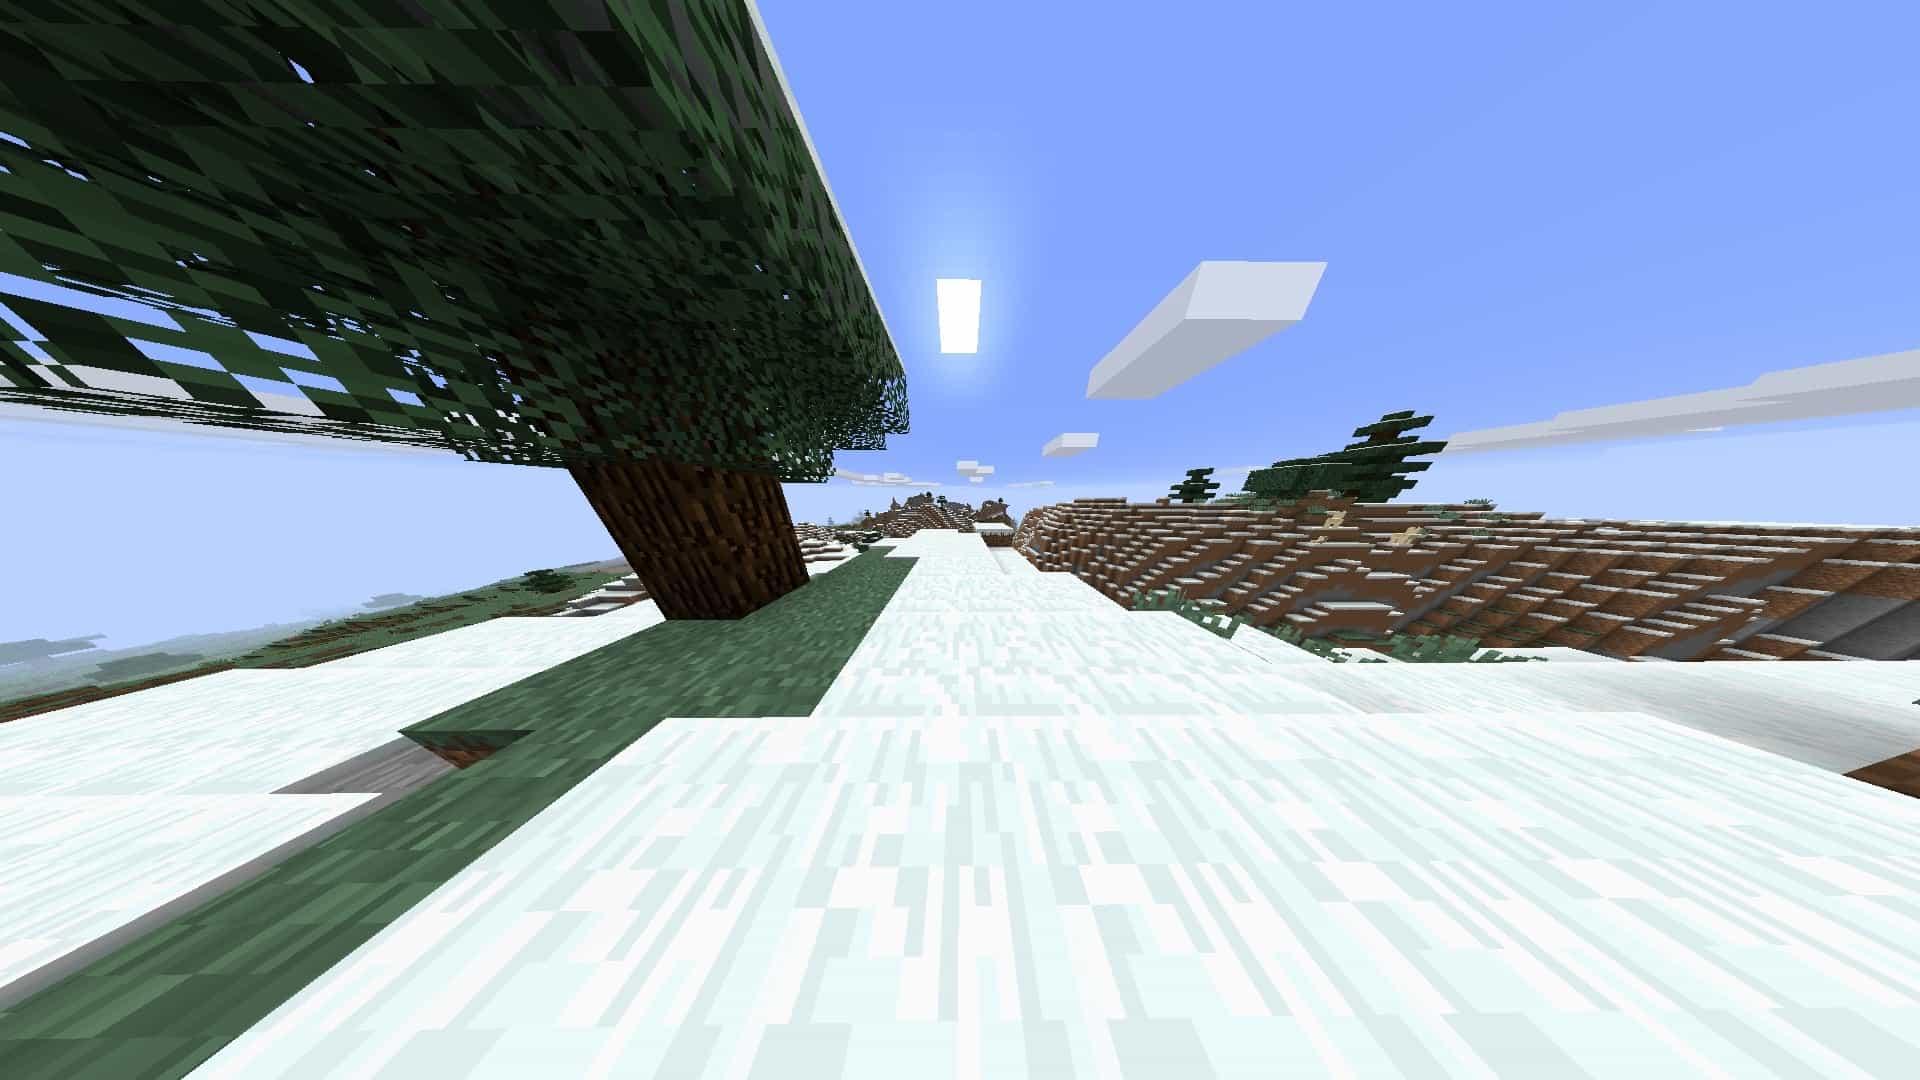 courte focale avec le mod Minecraft BauerCam